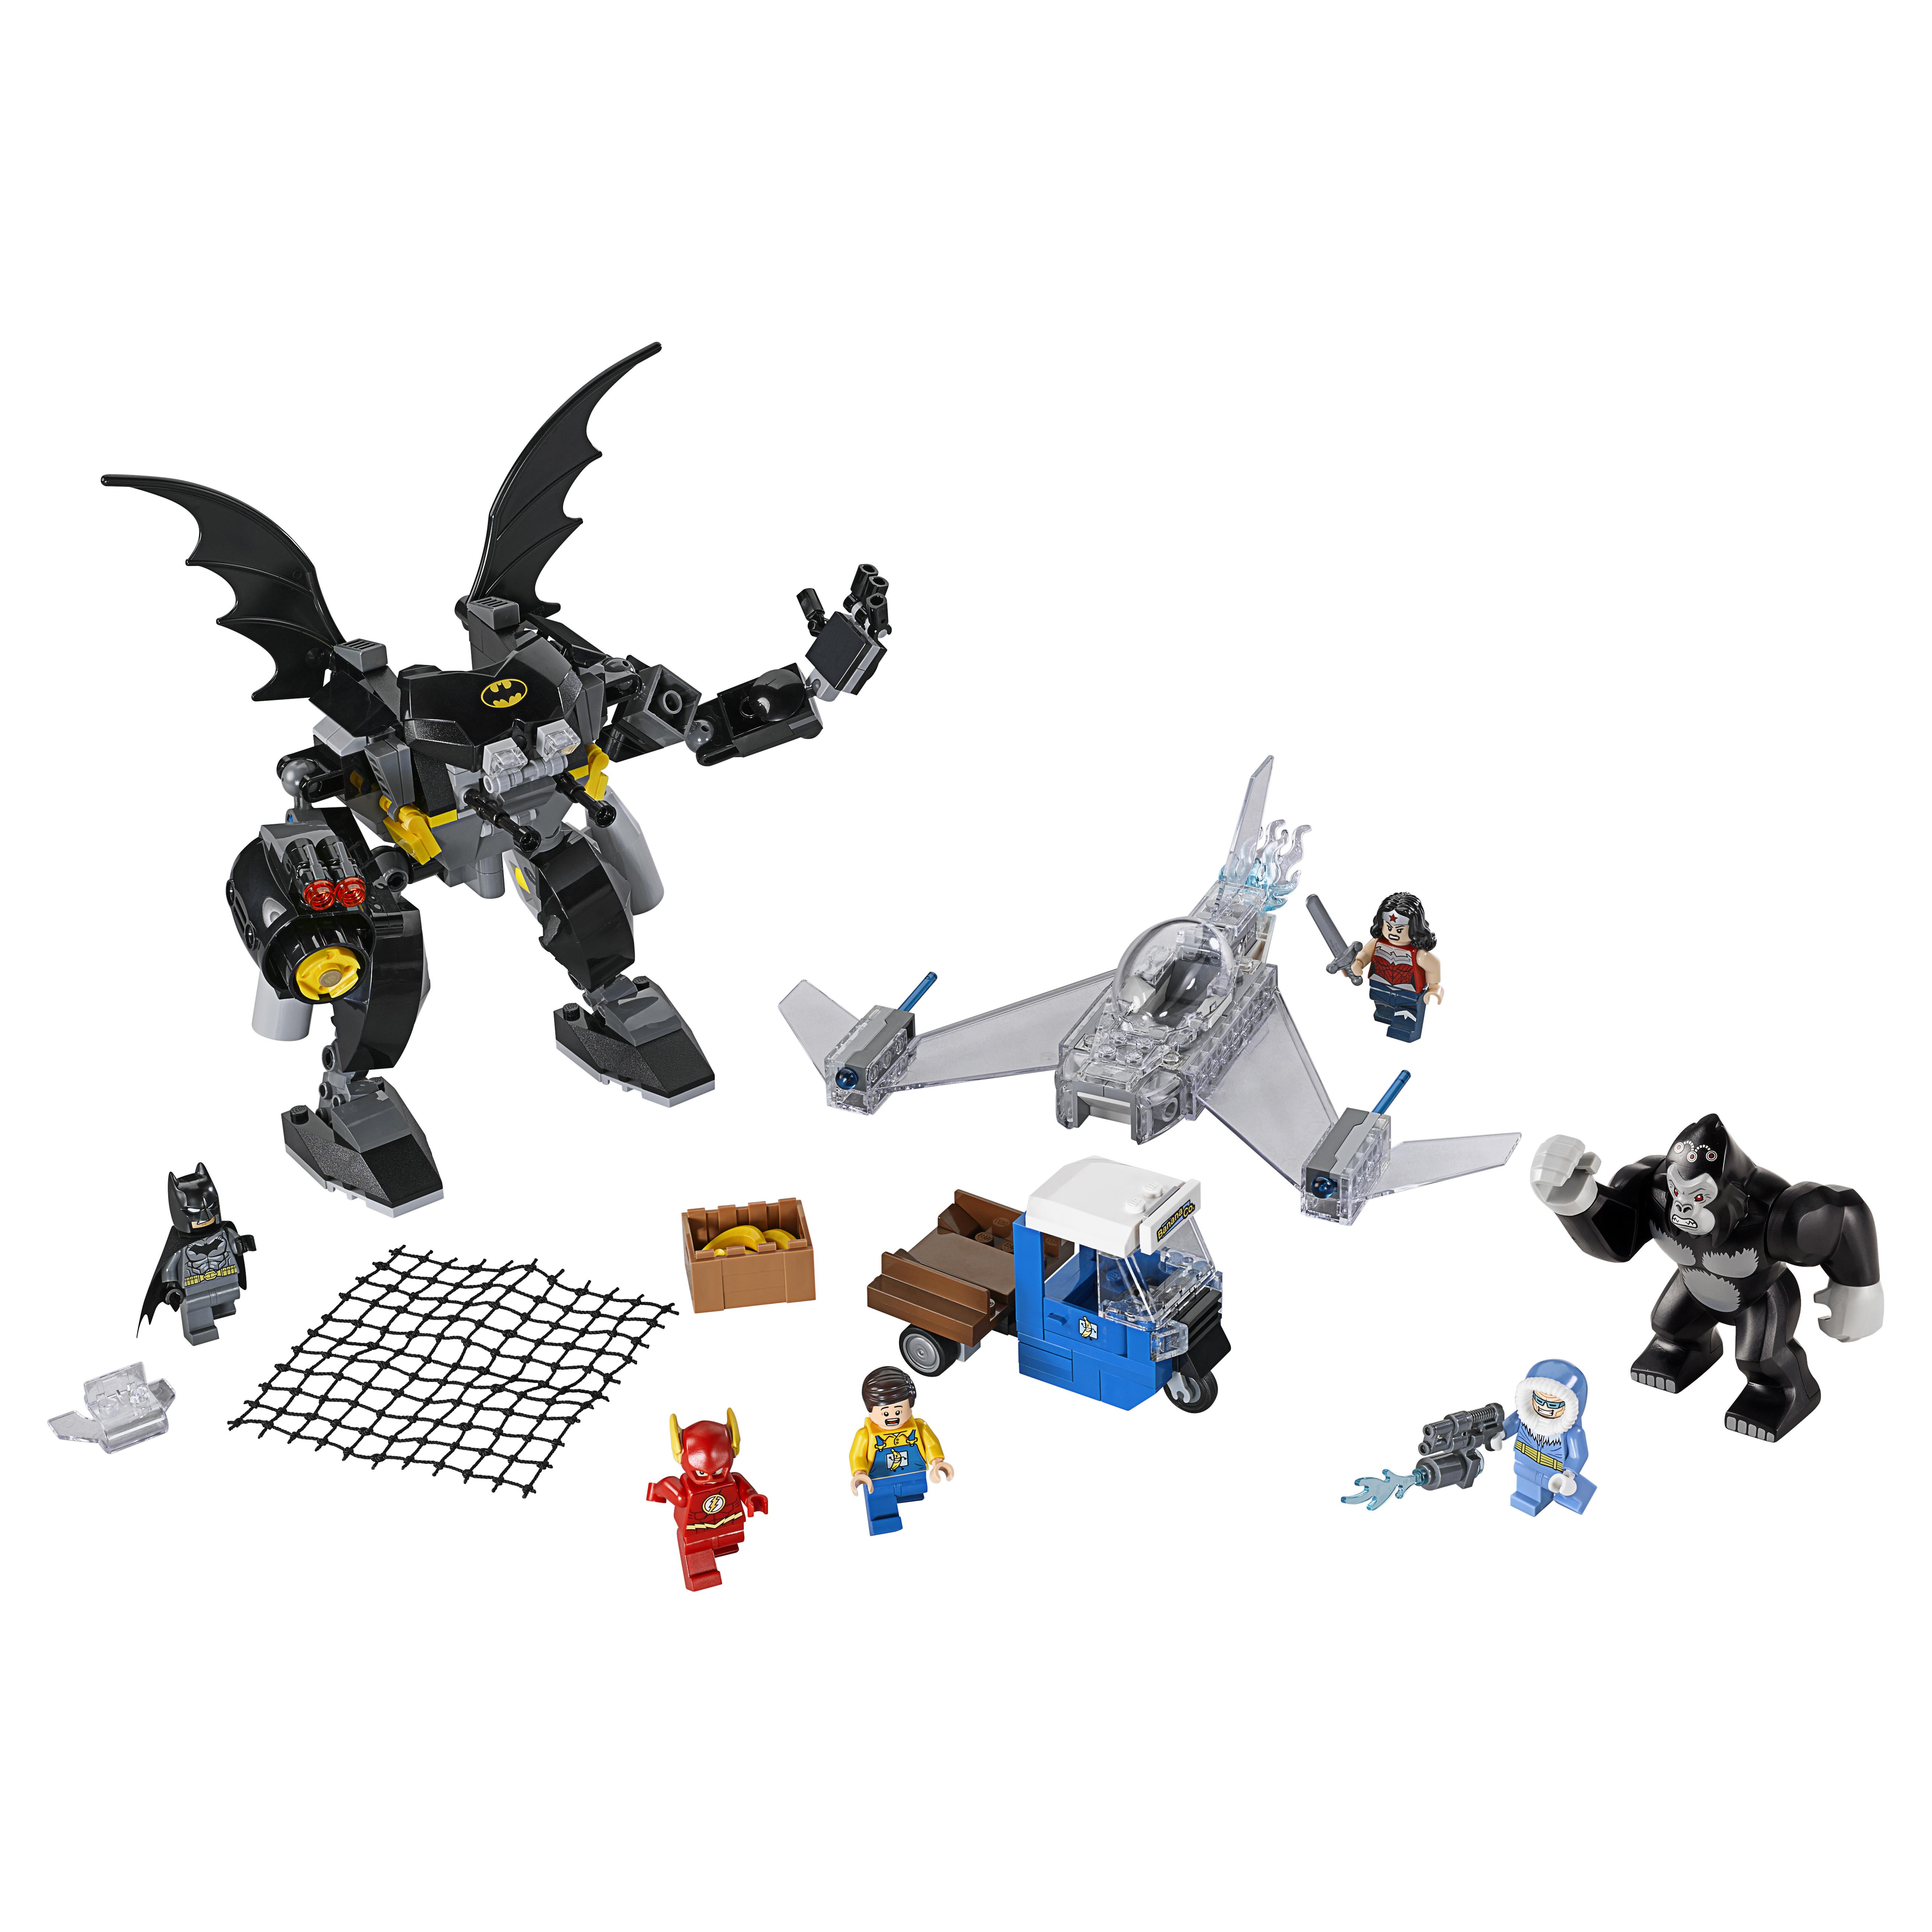 Конструктор LEGO Super Heroes Горилла Гродд сходит с ума (76026) Конструктор LEGO Super Heroes Горилла Гродд сходит с ума (76026)